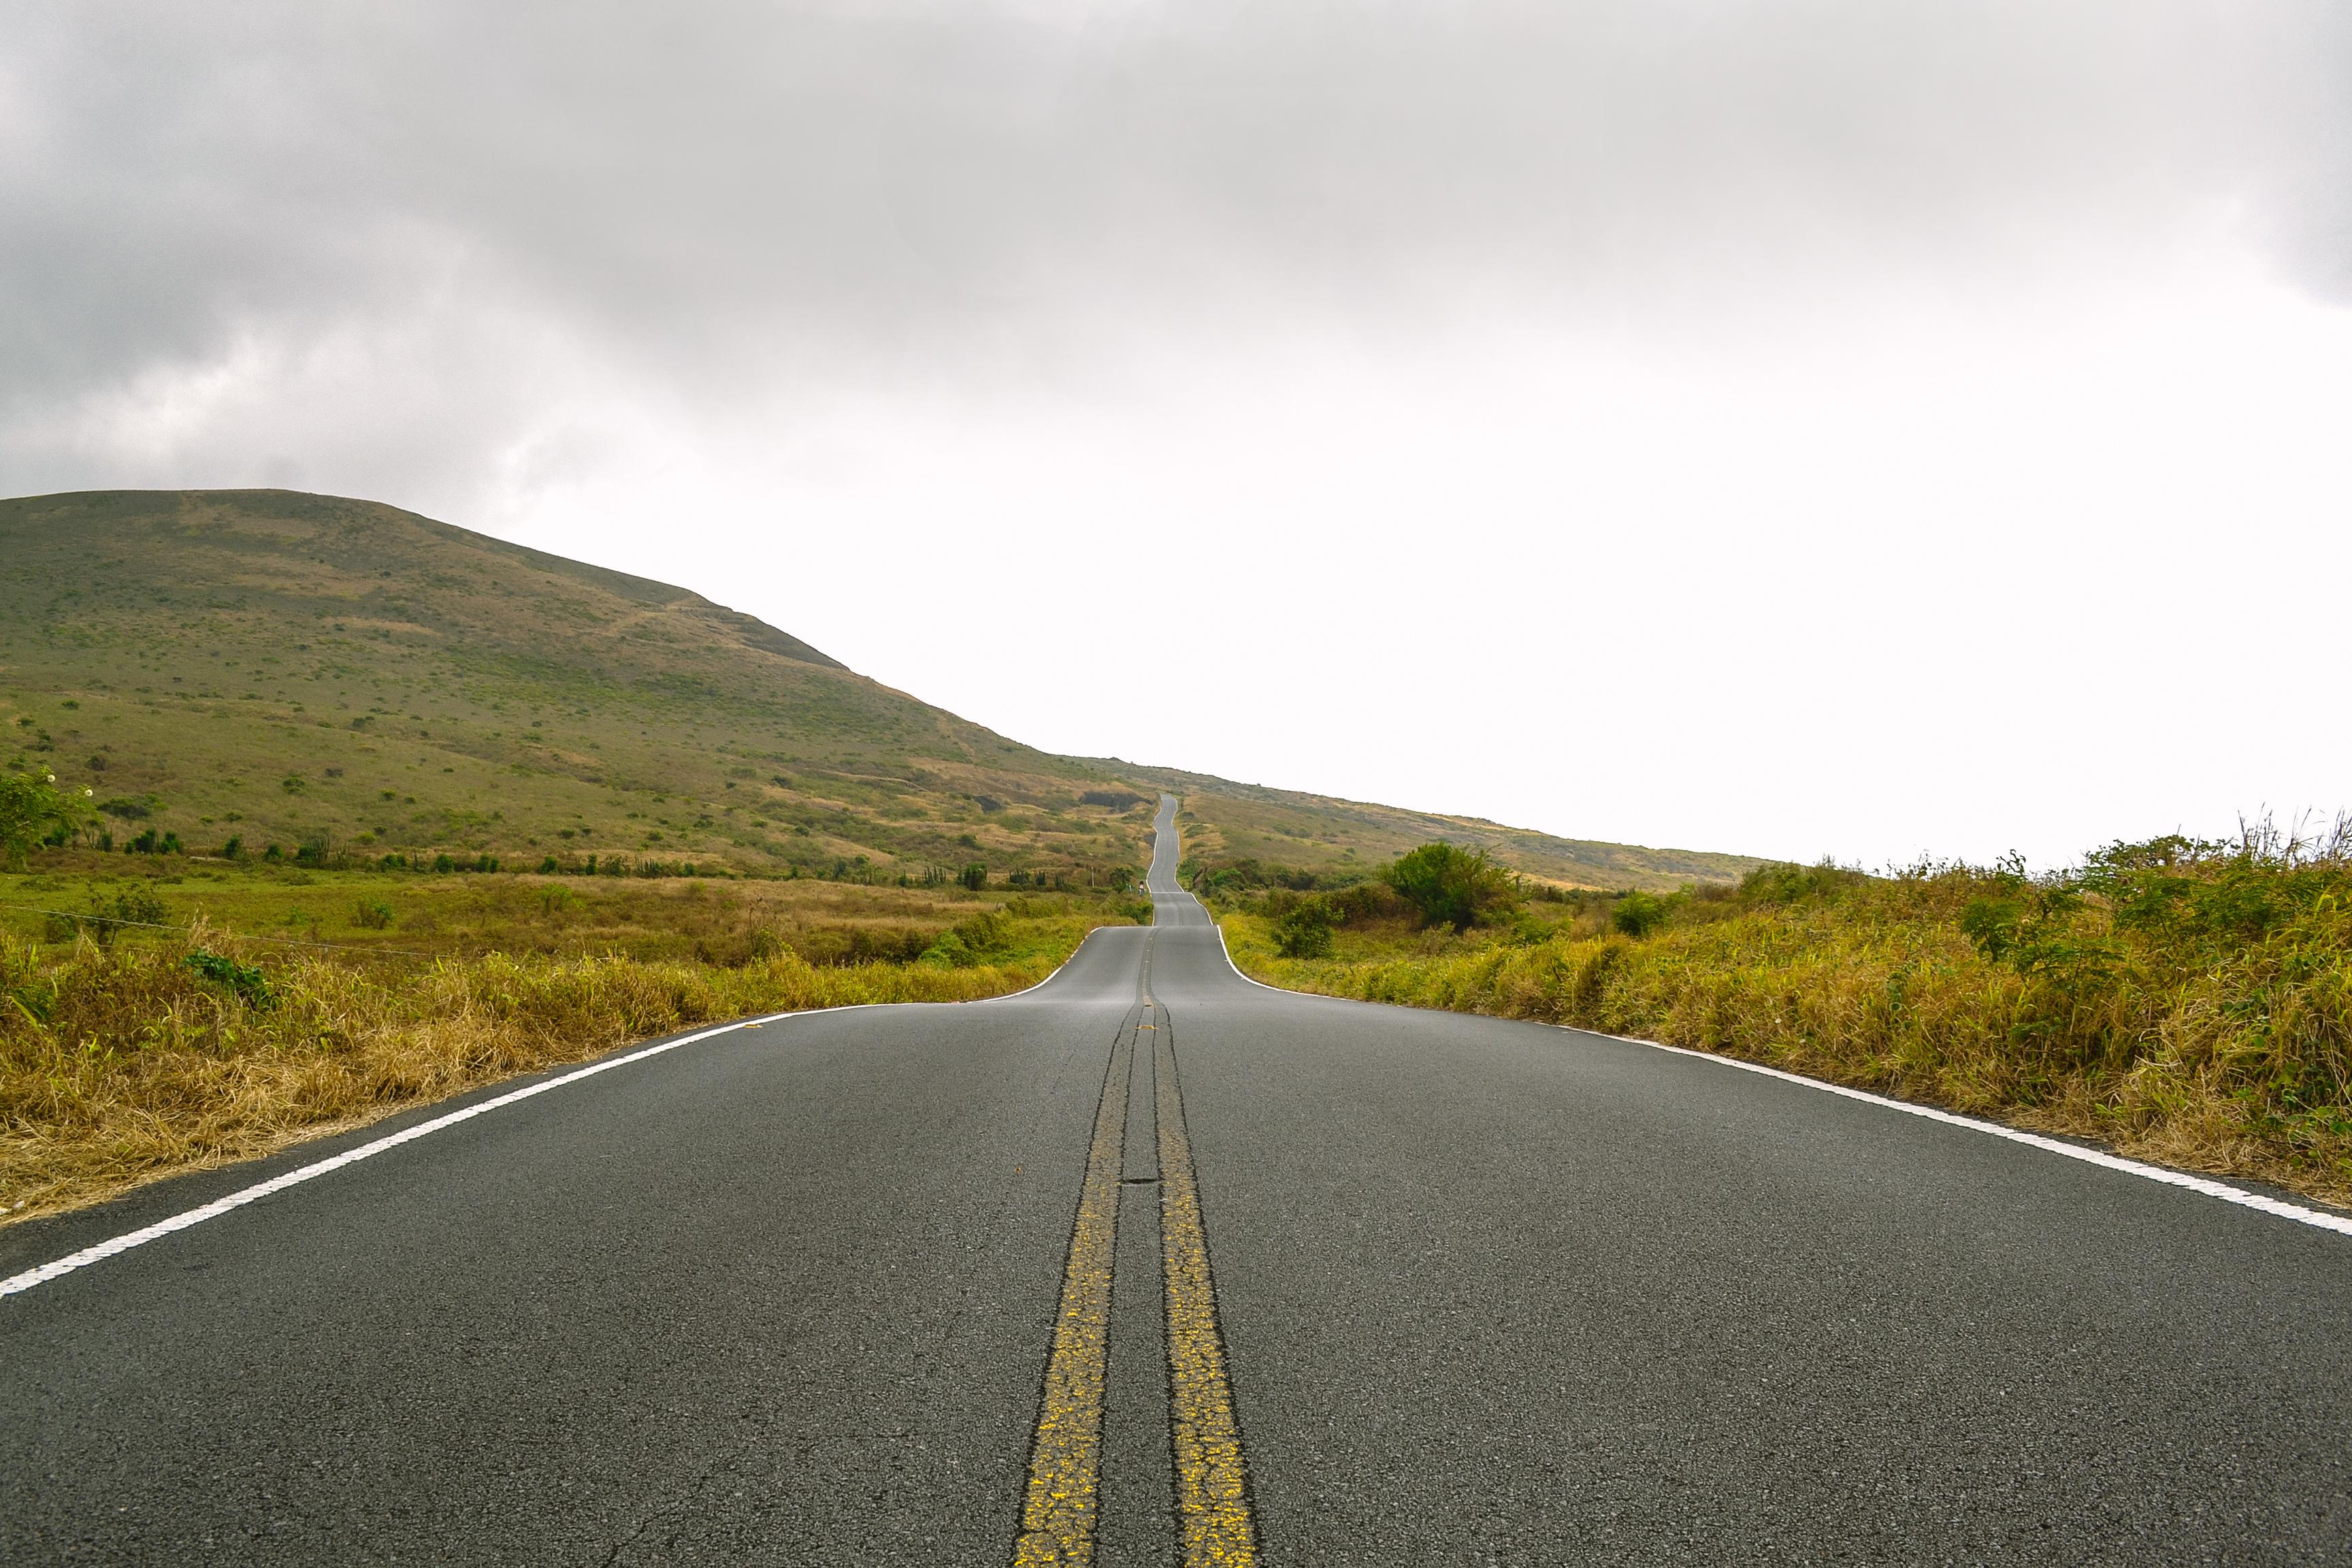 дорога даль холмы  № 787975 загрузить